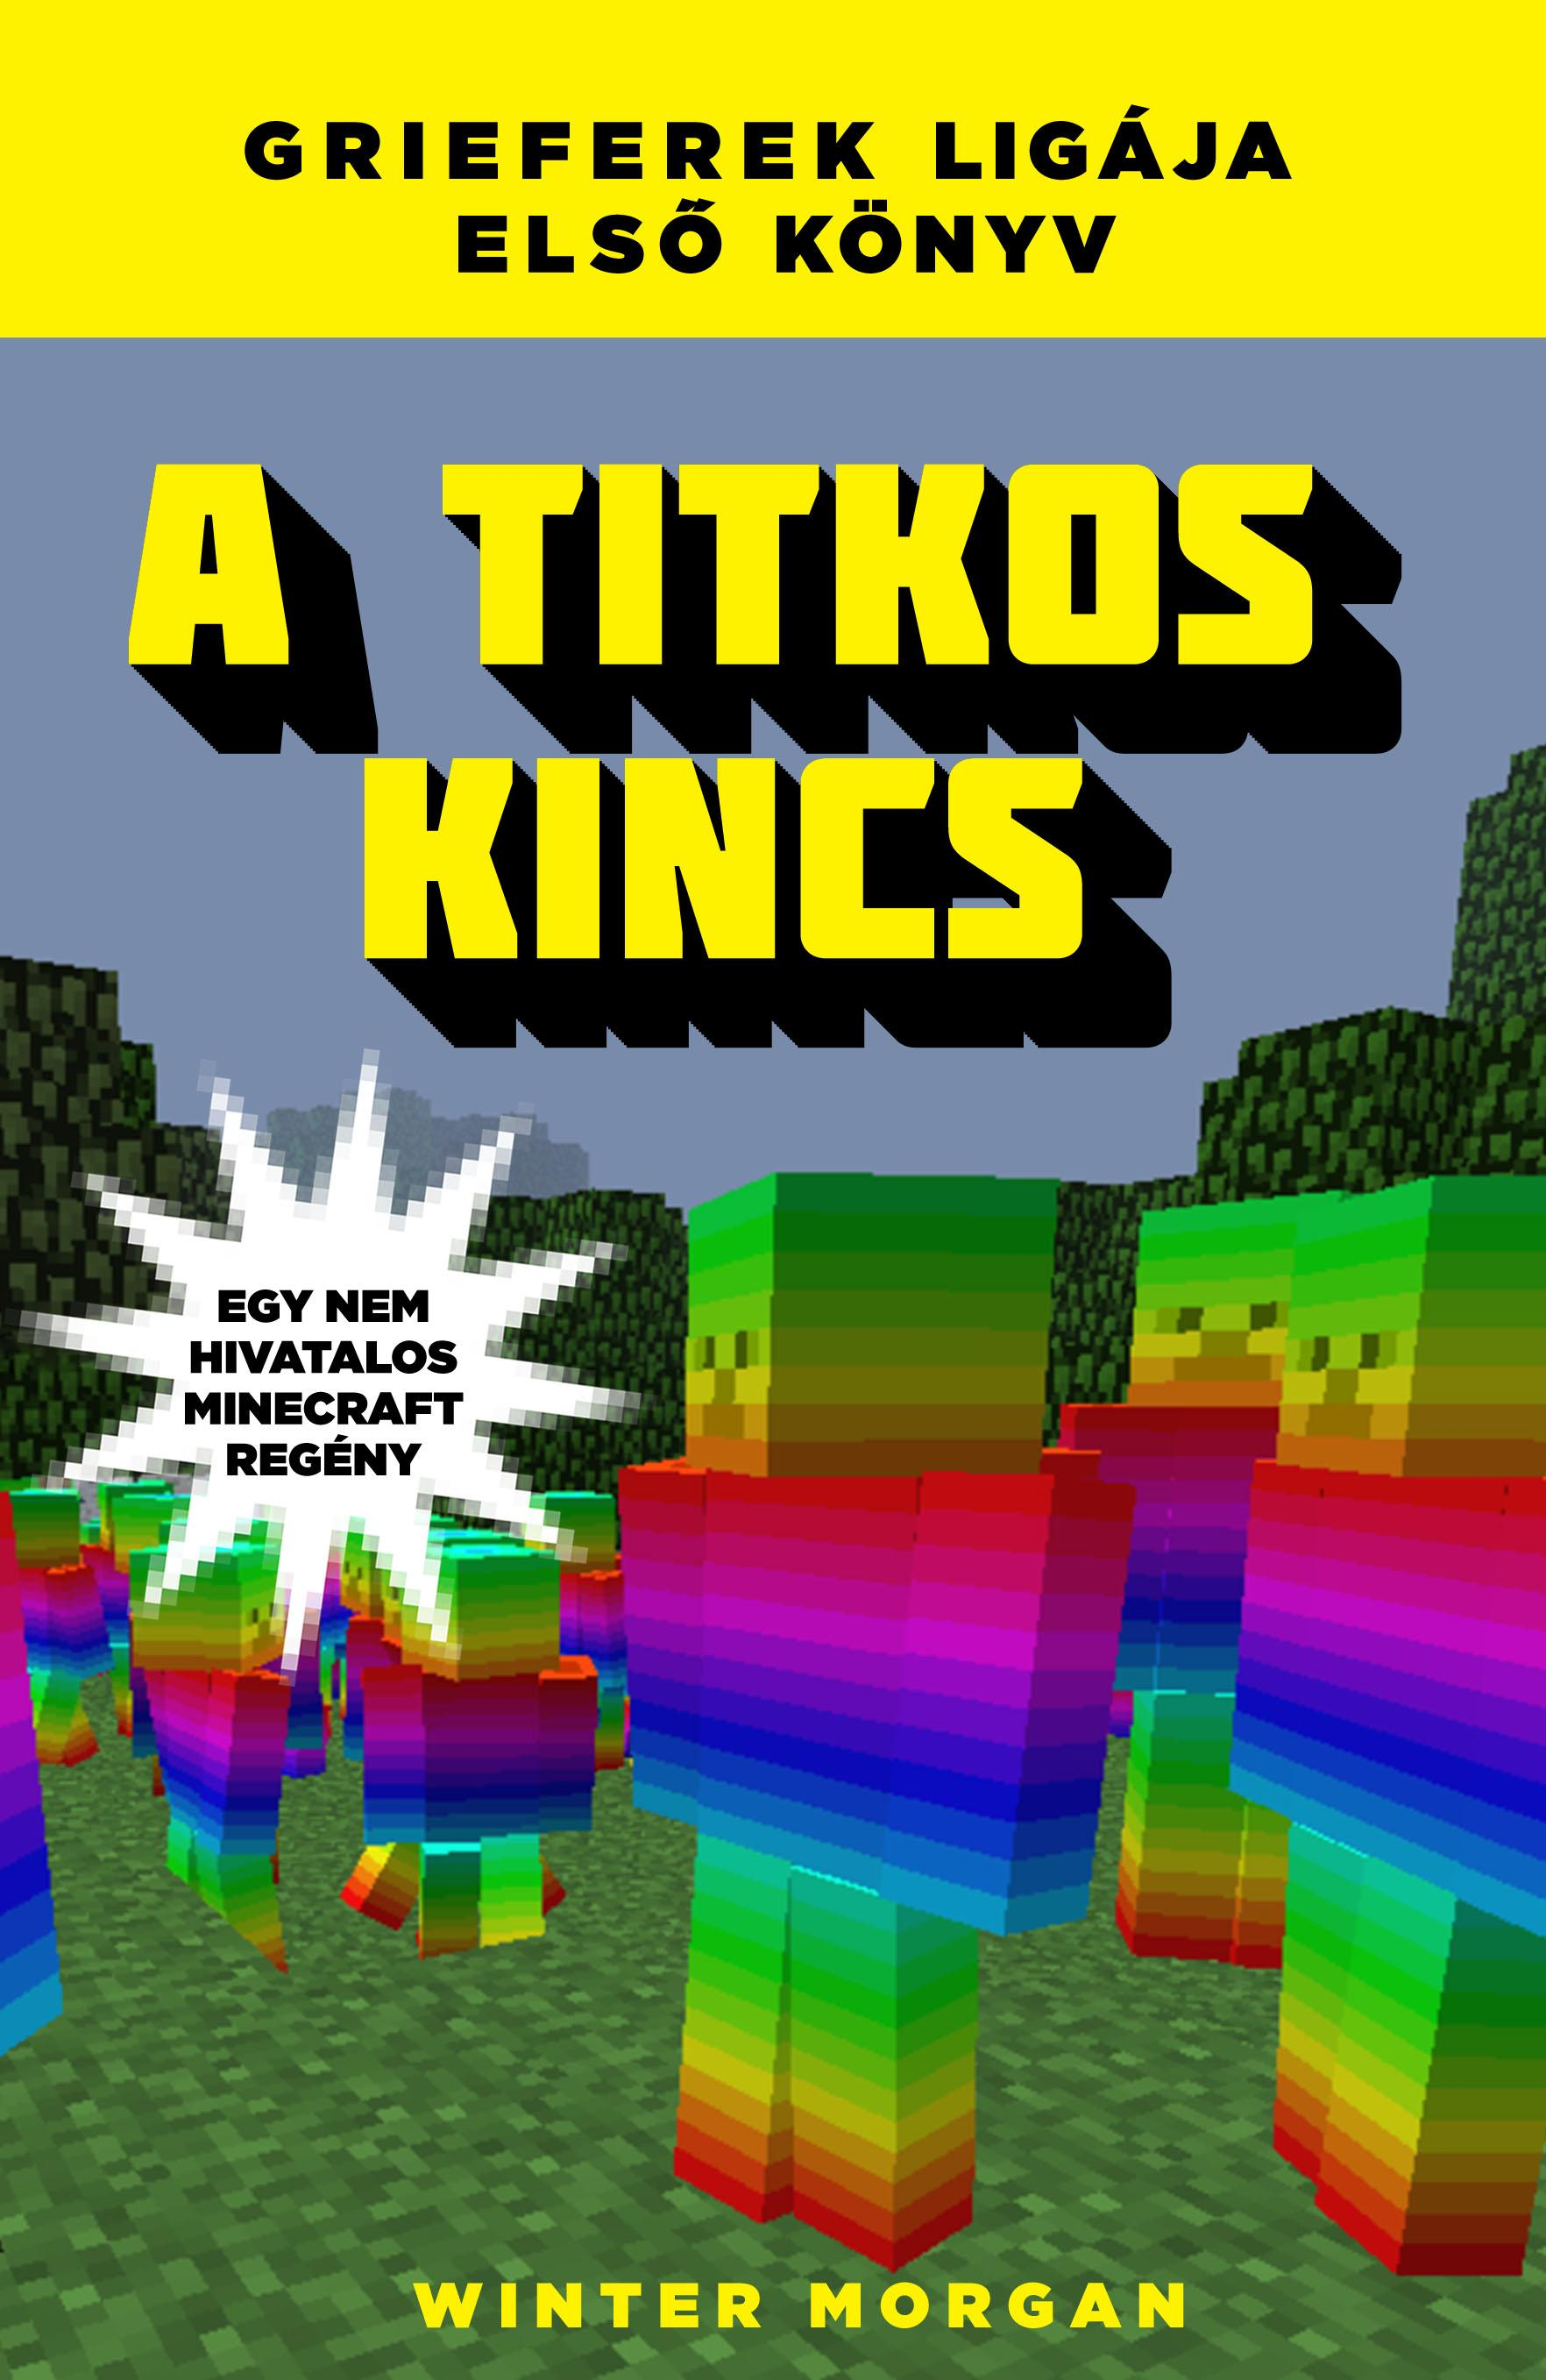 A TITKOS KINCS - GRIEFEREK LIGÁJA 1. -  EGY NEM HIVATALOS MINECRAFT REGÉNY